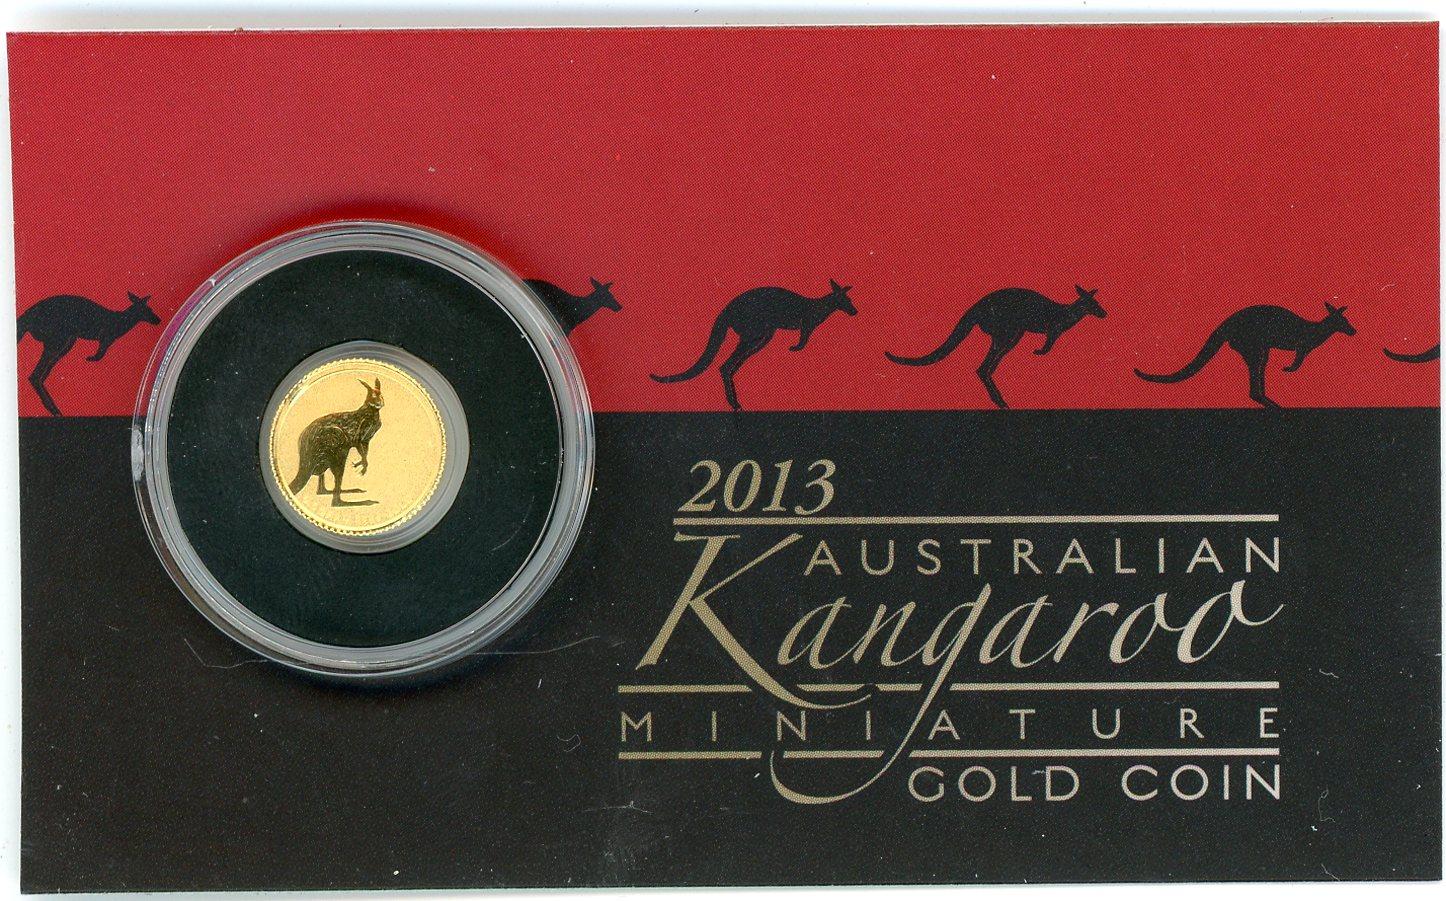 Thumbnail for 2013 0.5 Gram Kangaroo $2.00 Coin